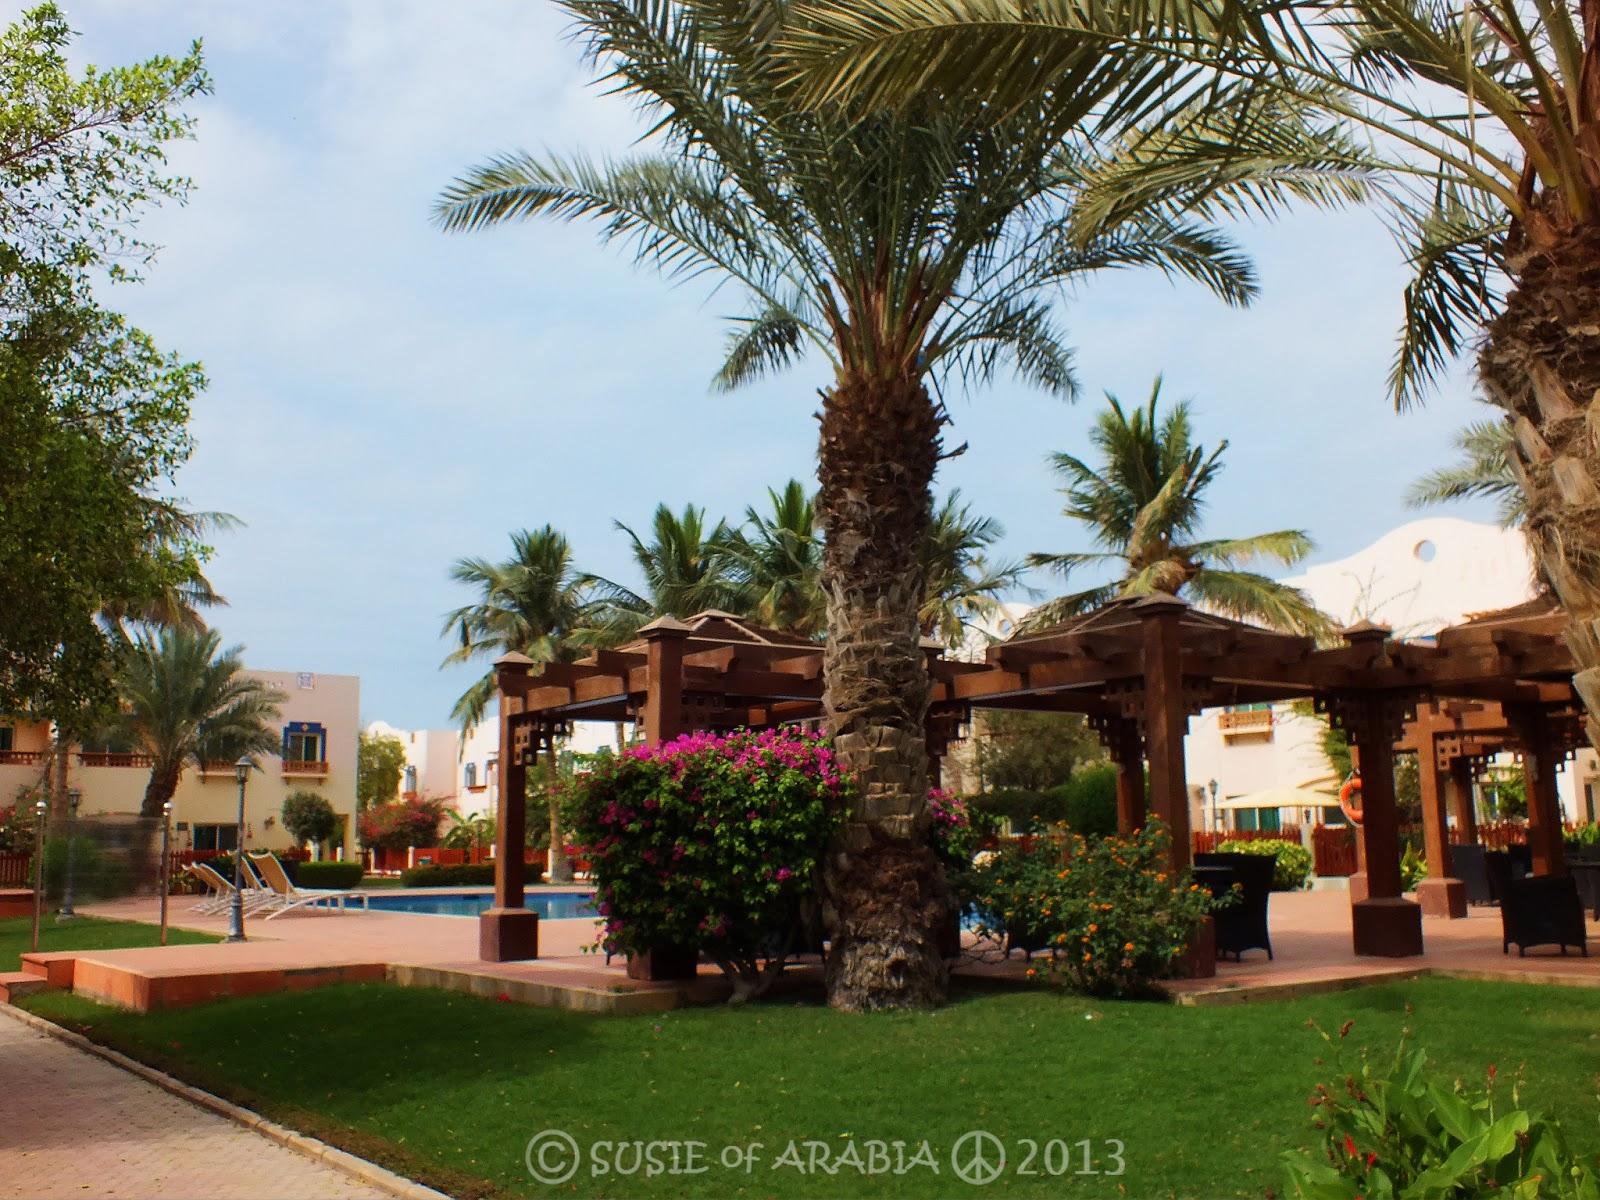 Aramco Compound in Saudi Arabia